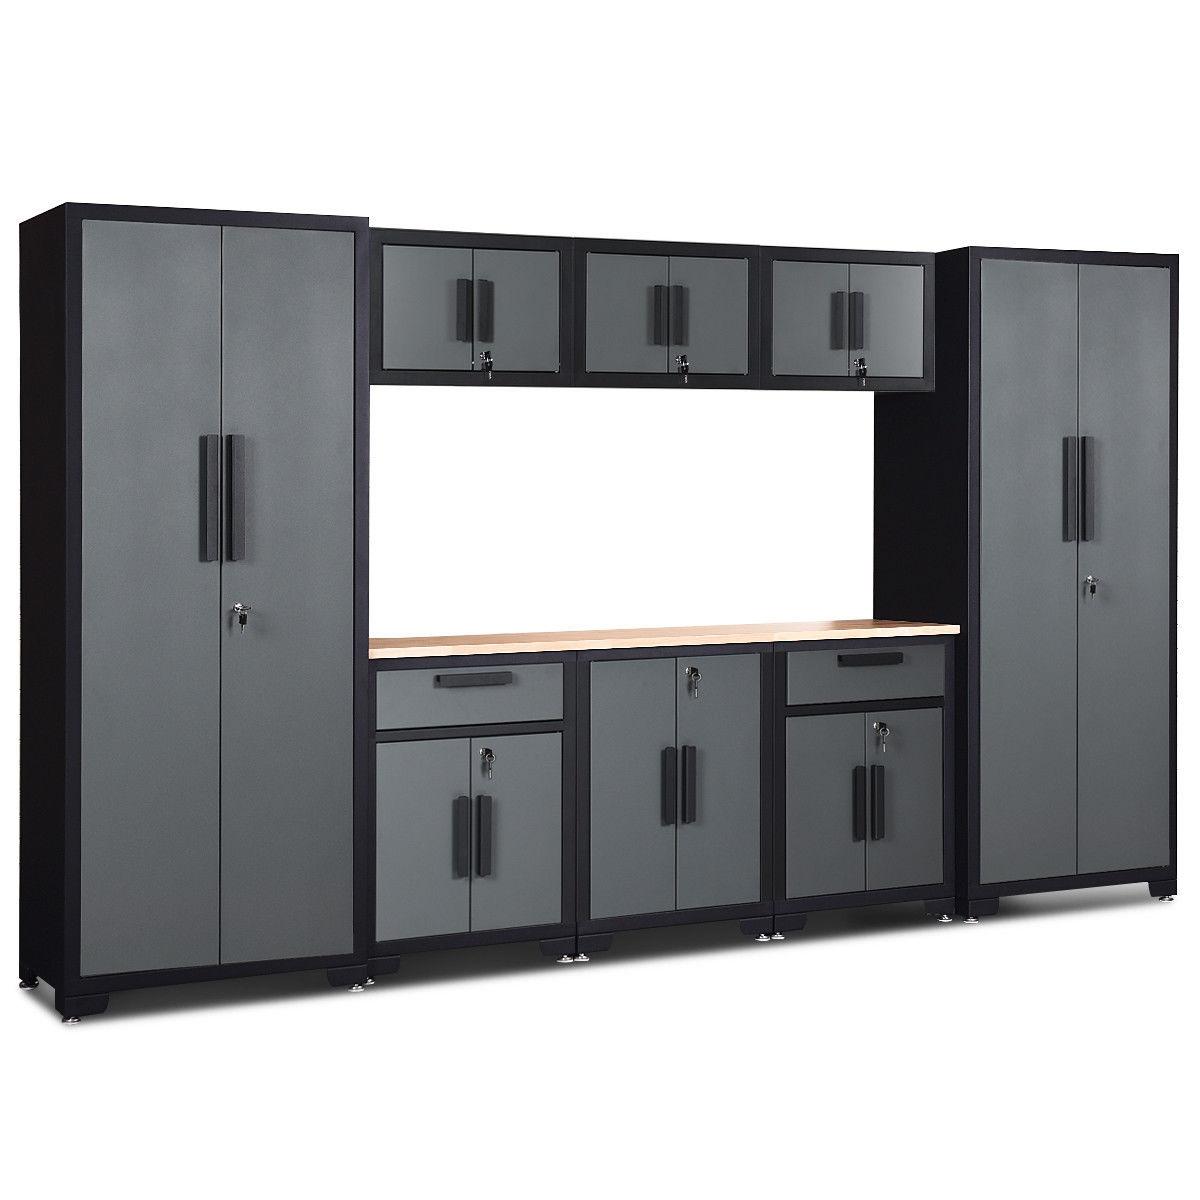 9 Pcs Big Steel Garage Storage Cabinet Set